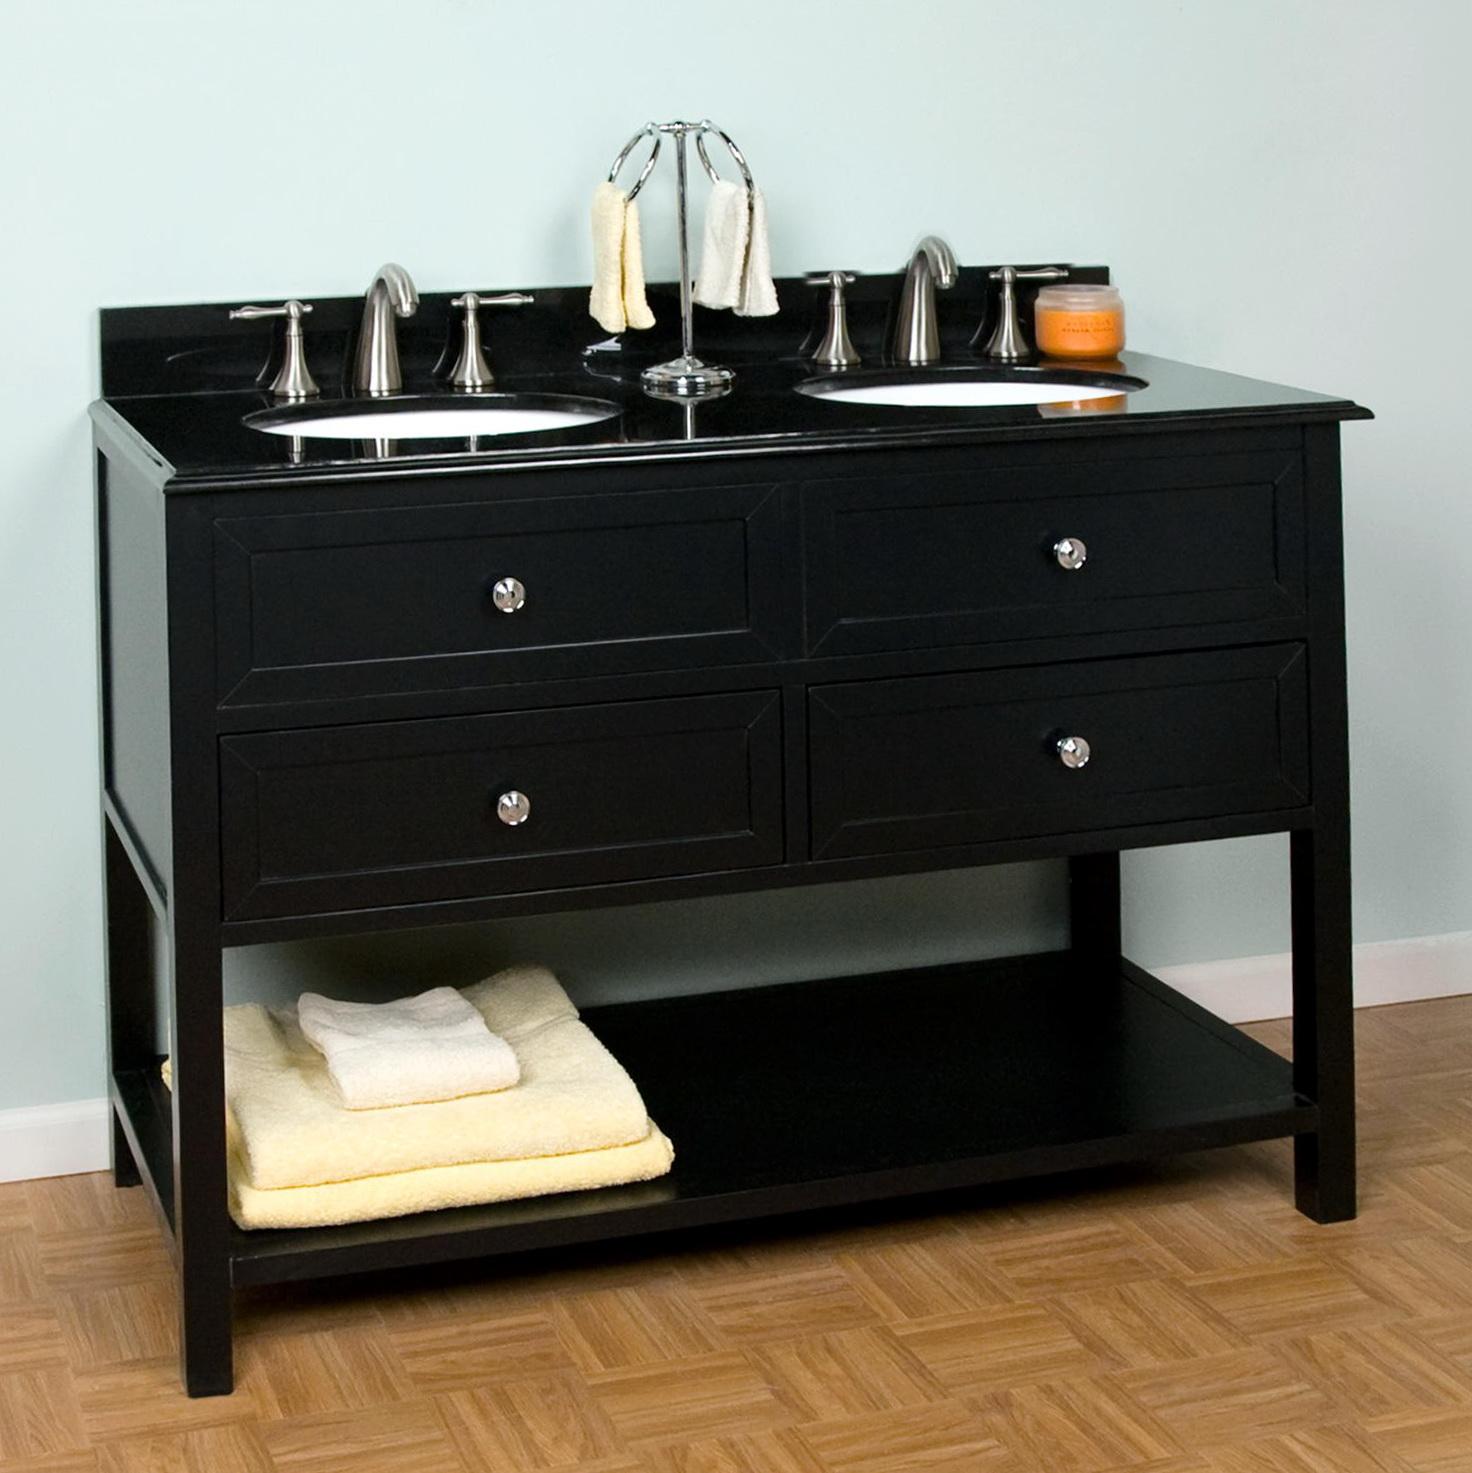 48 Inch Double Sink Vanity Top